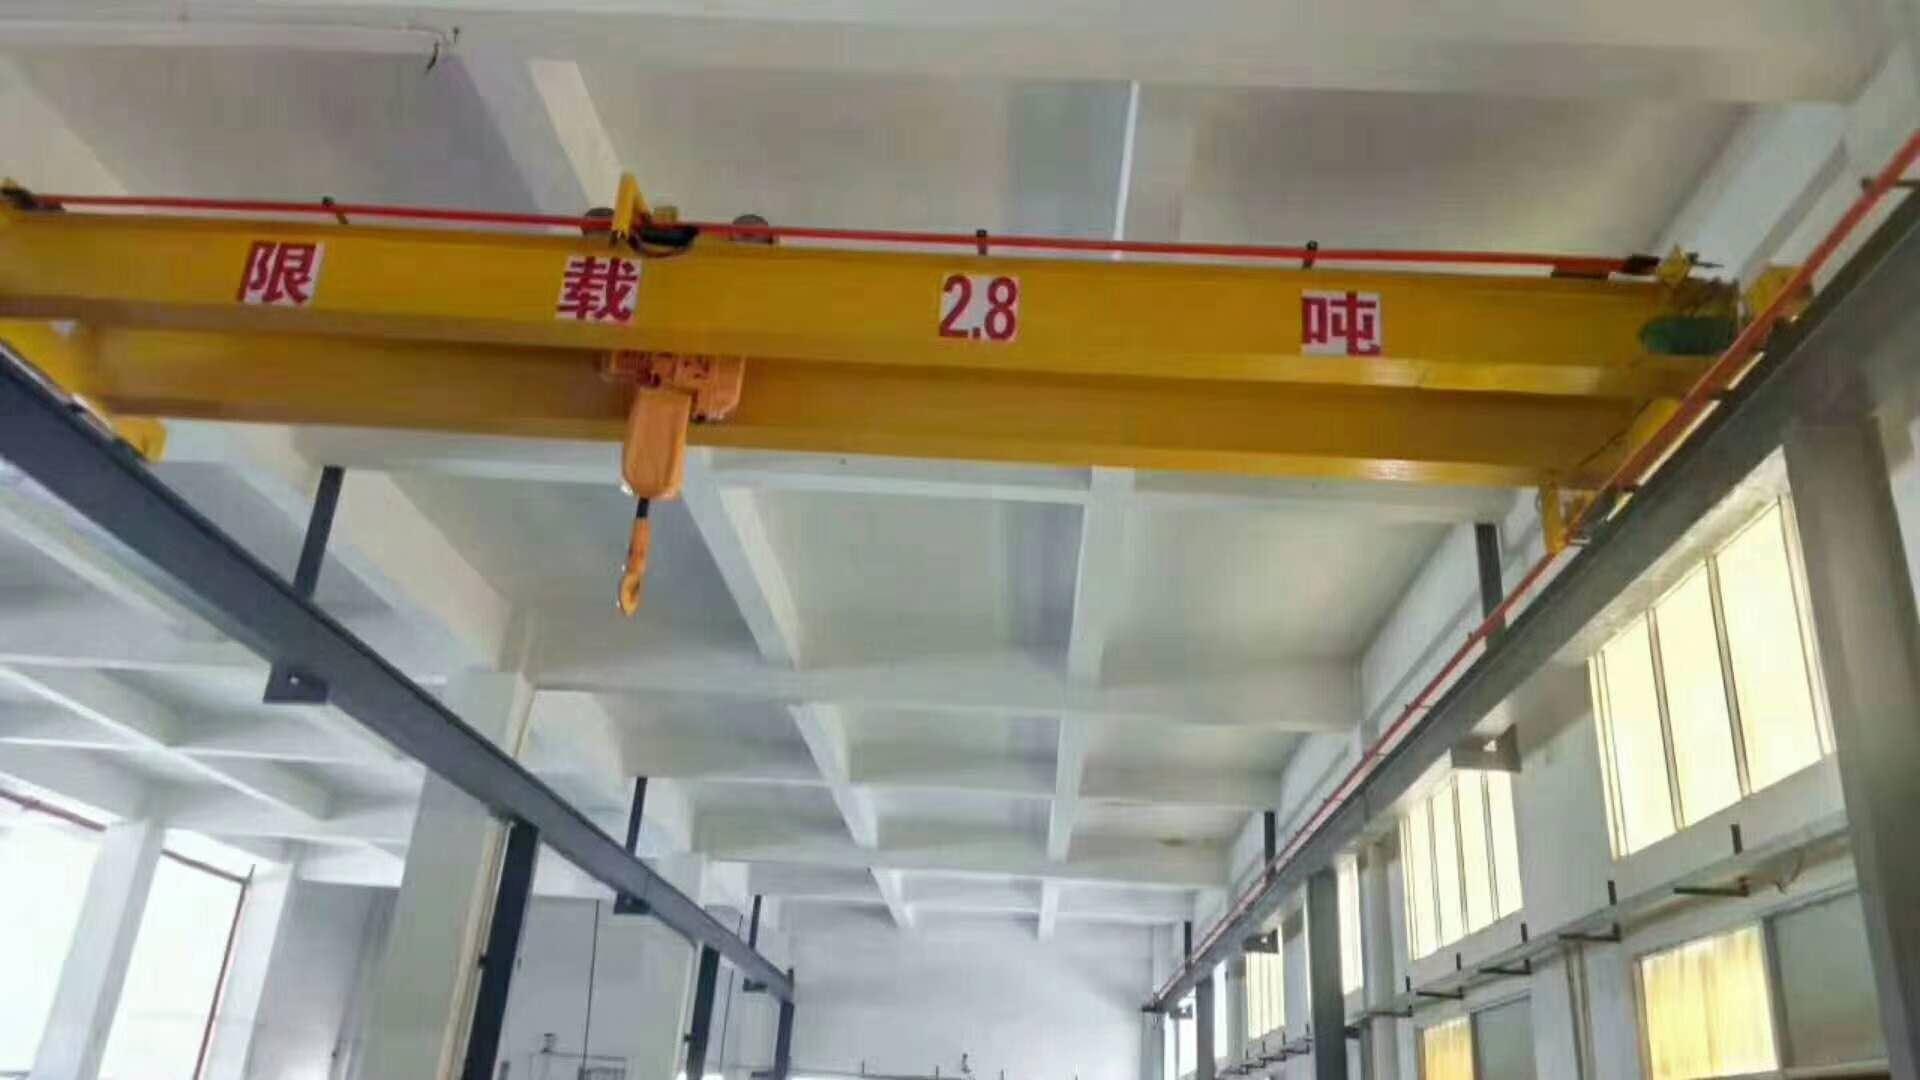 行吊计划表,十五米的行吊有多重,贵州二手龙门吊